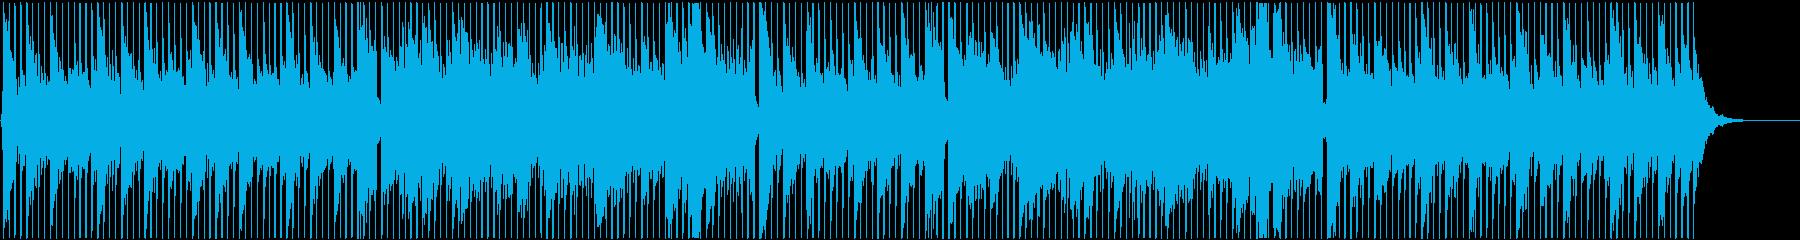 ポップス系 ギターの爽やかな四つ打ち曲の再生済みの波形